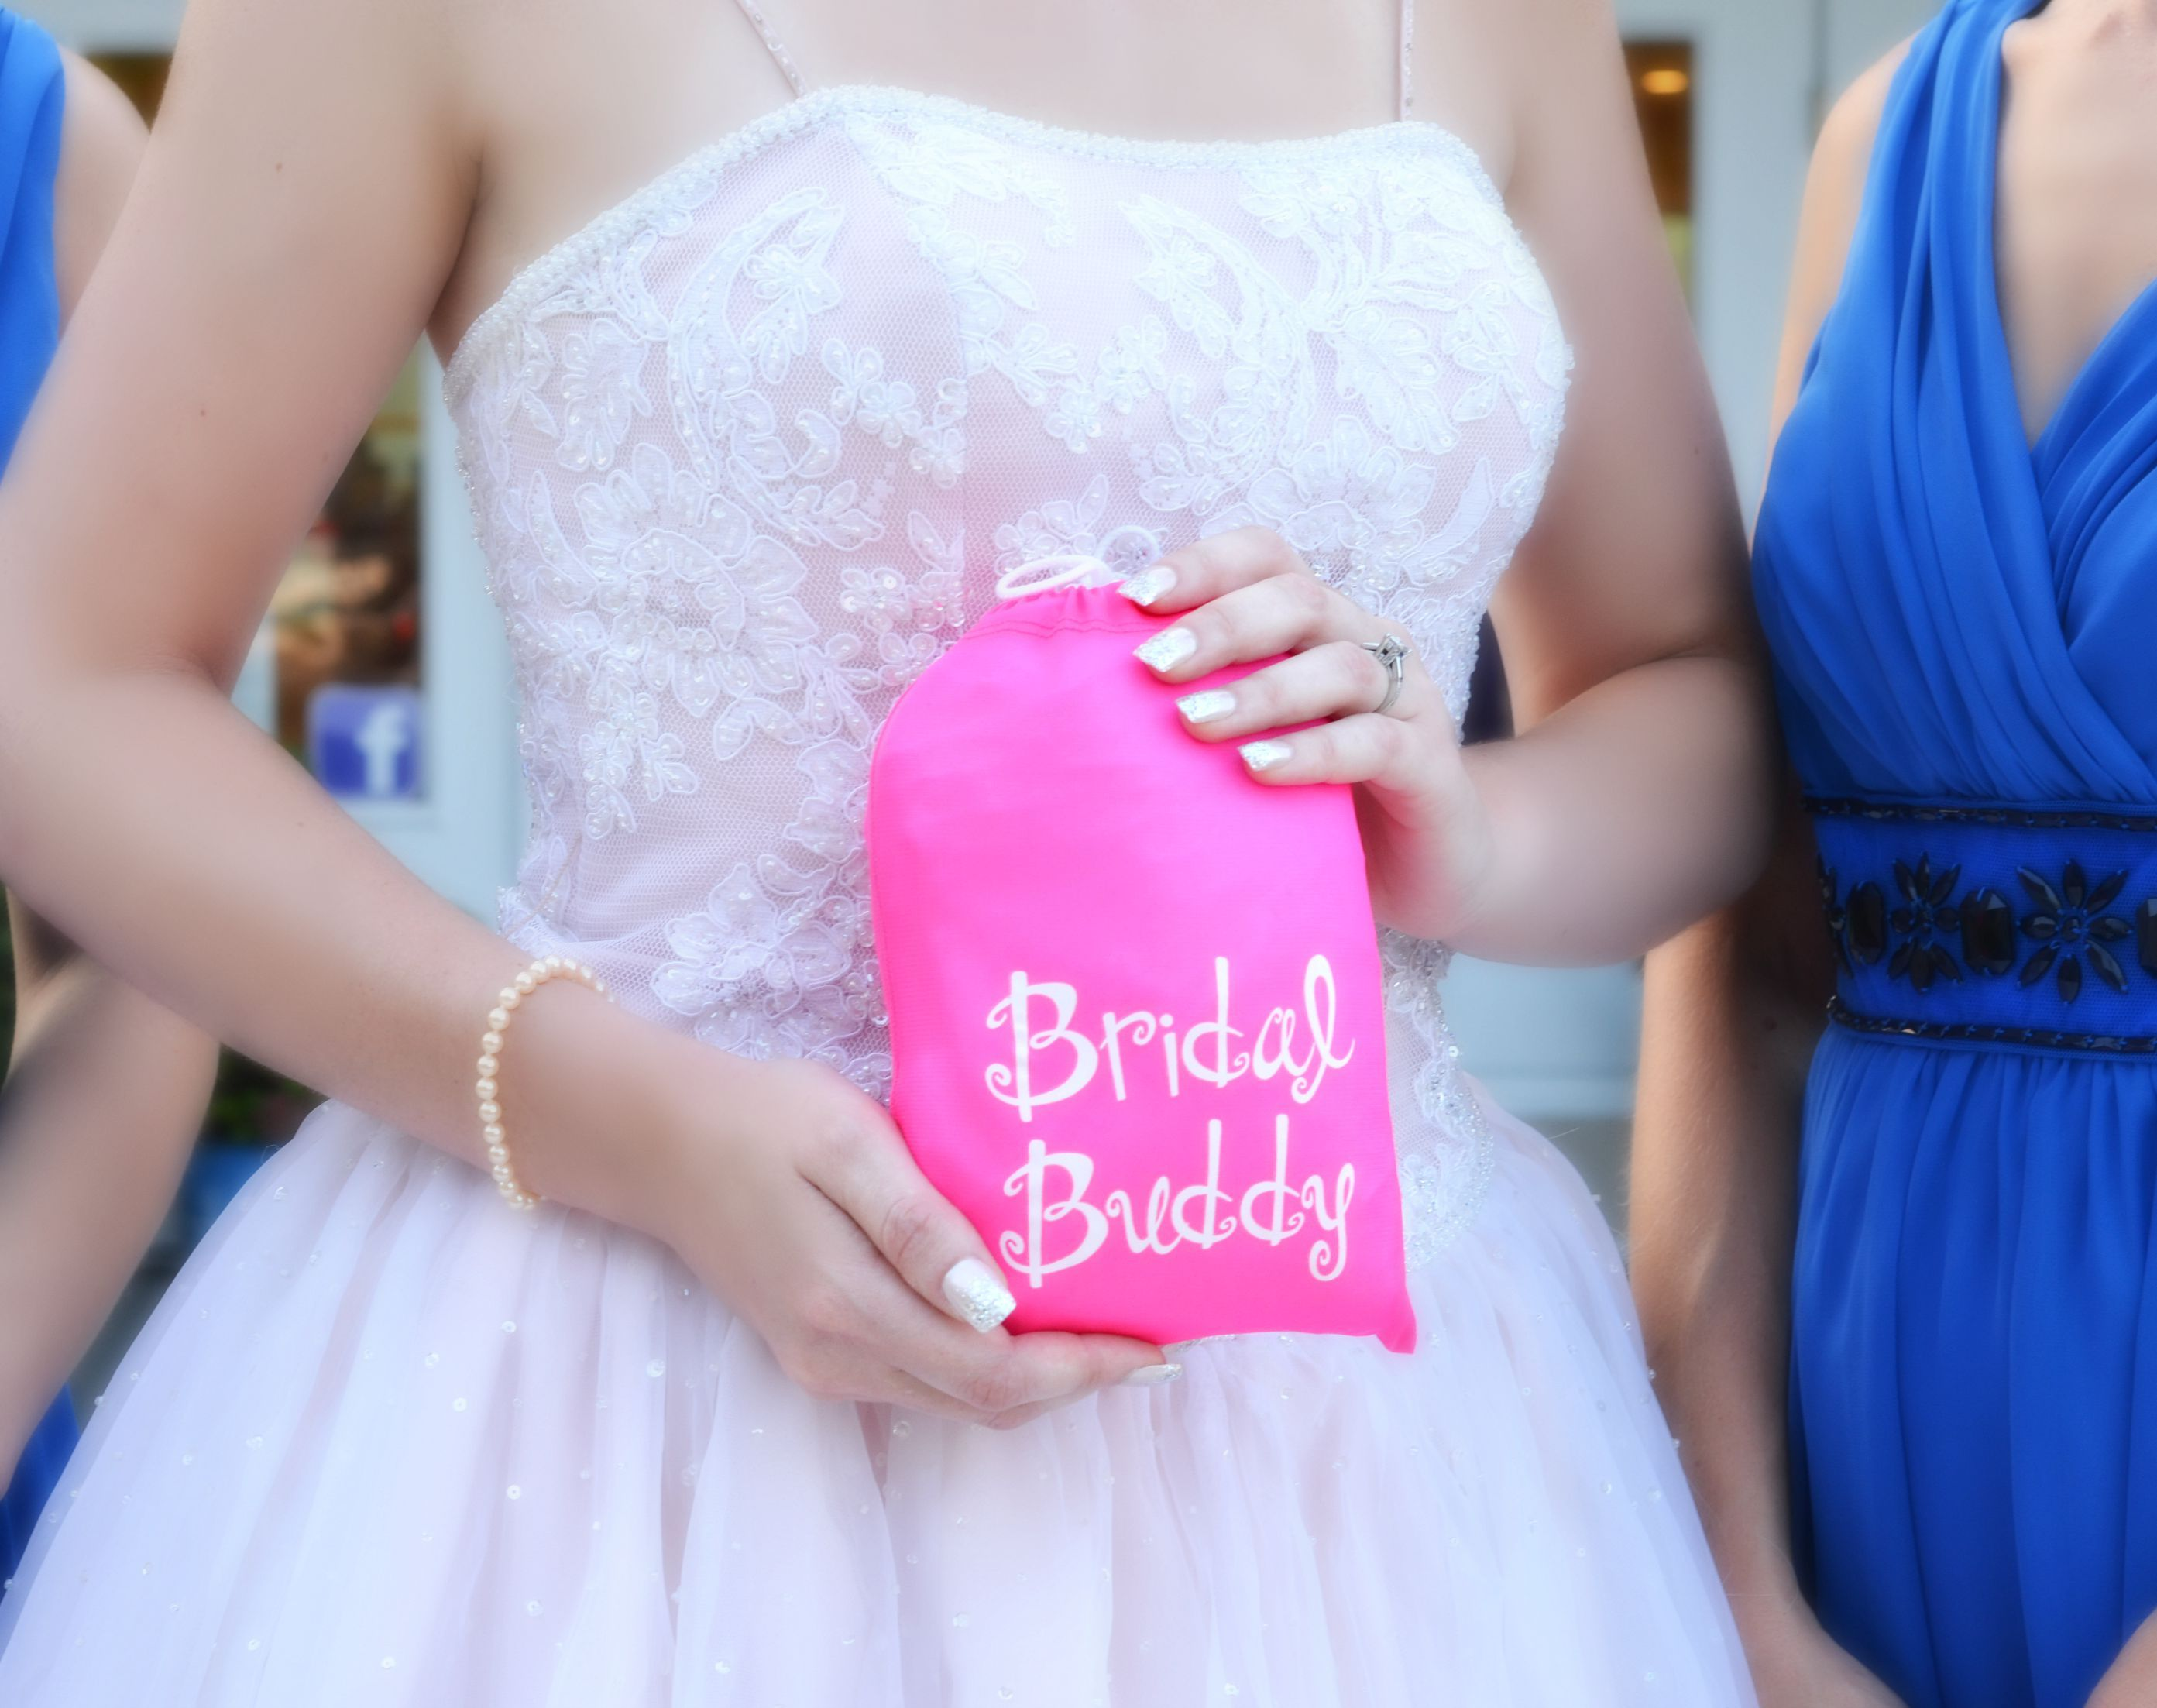 24a635cf9ef Bridal Buddy in bag www.bridalbuddy.net